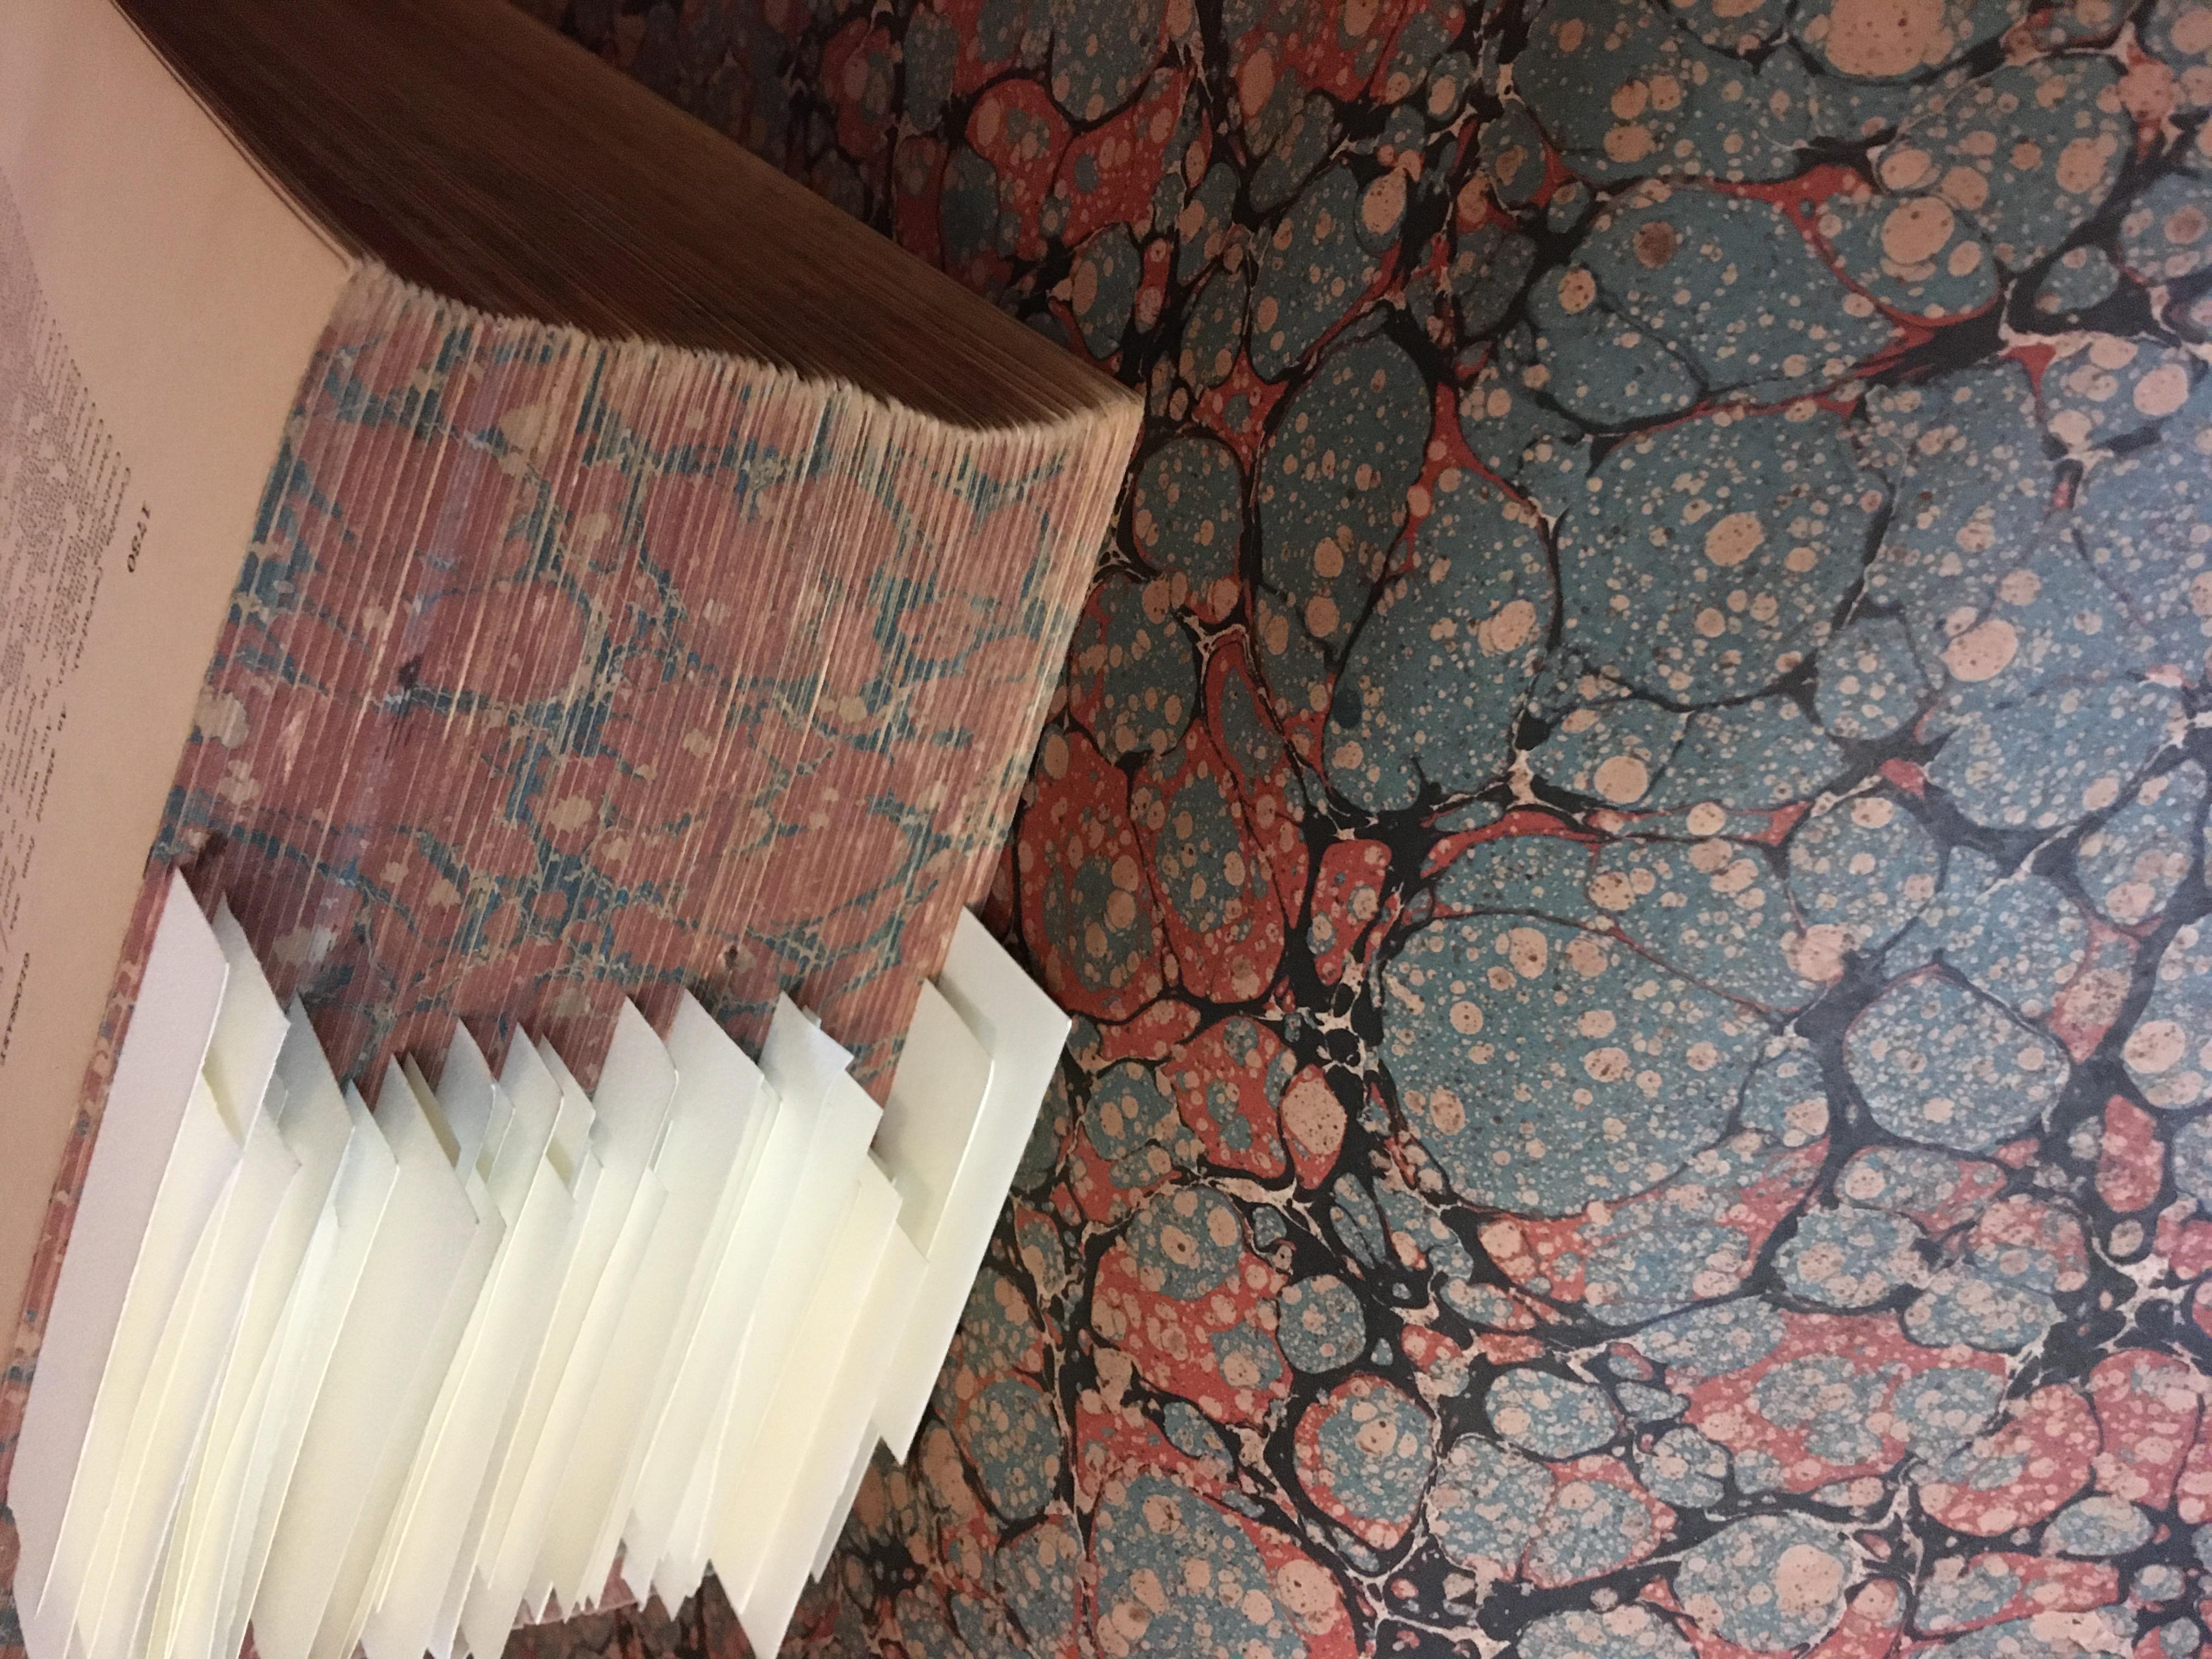 Book repair in process